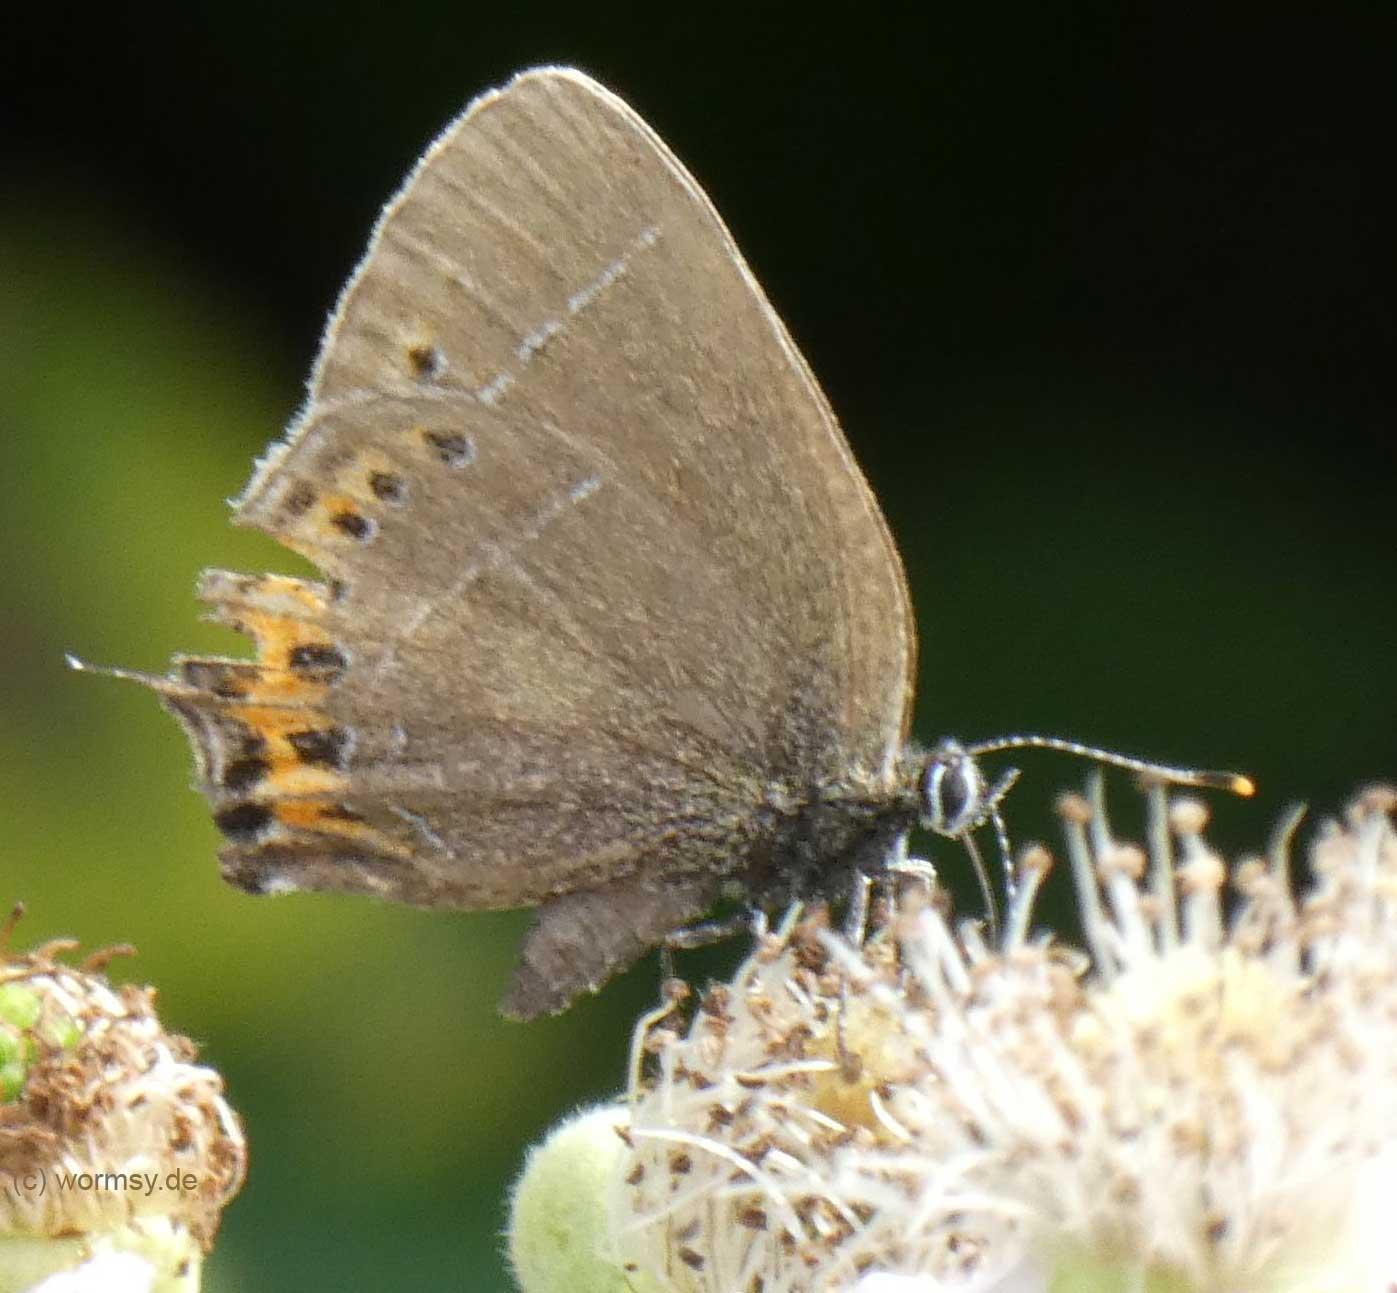 Pflaumen-Zipfelfalter (Insekten in Worms)